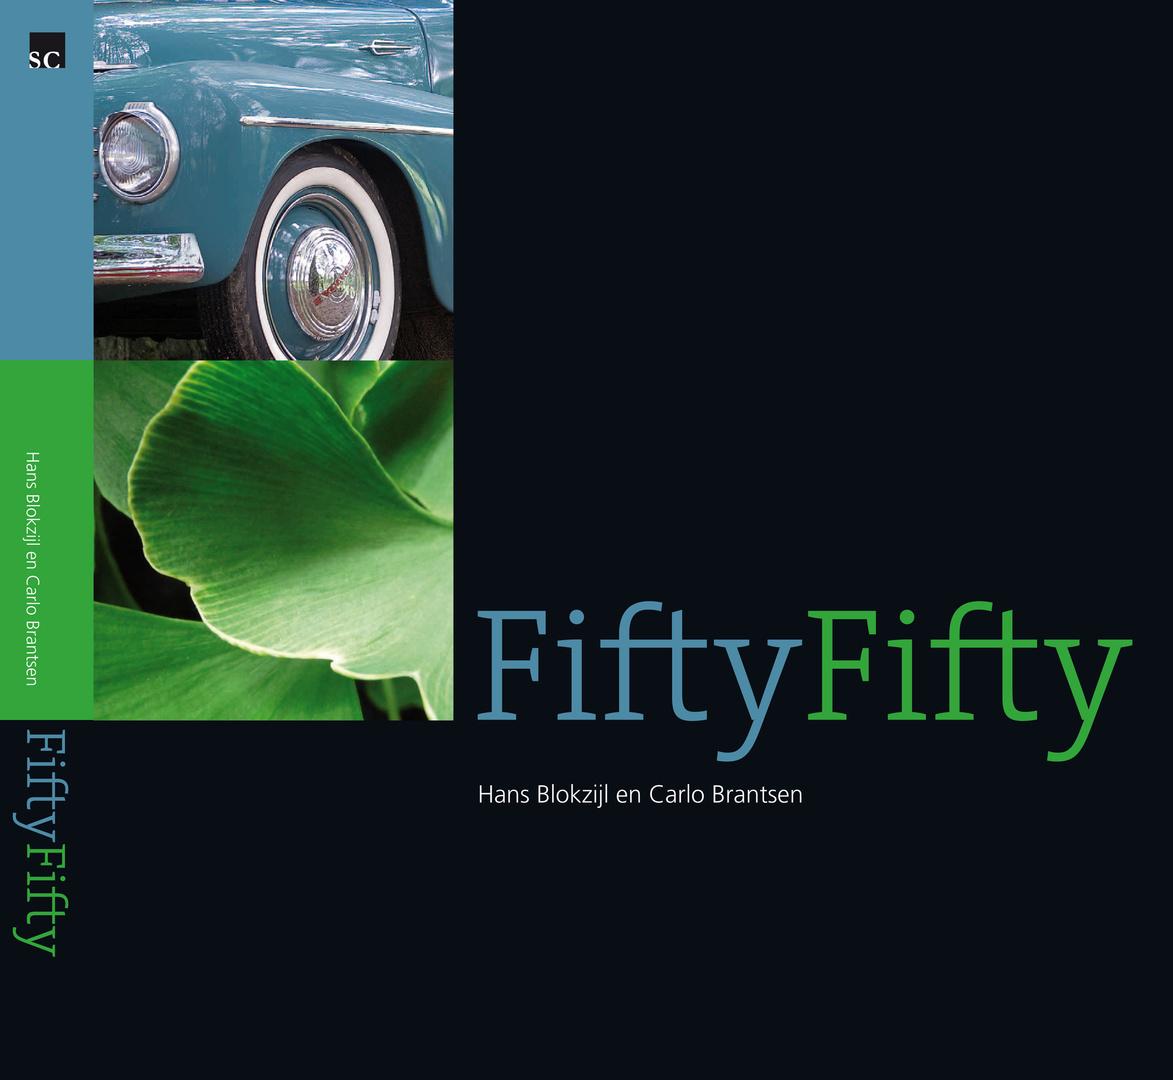 Cover fotoboek FiftyFifty van Hans Blokzijl